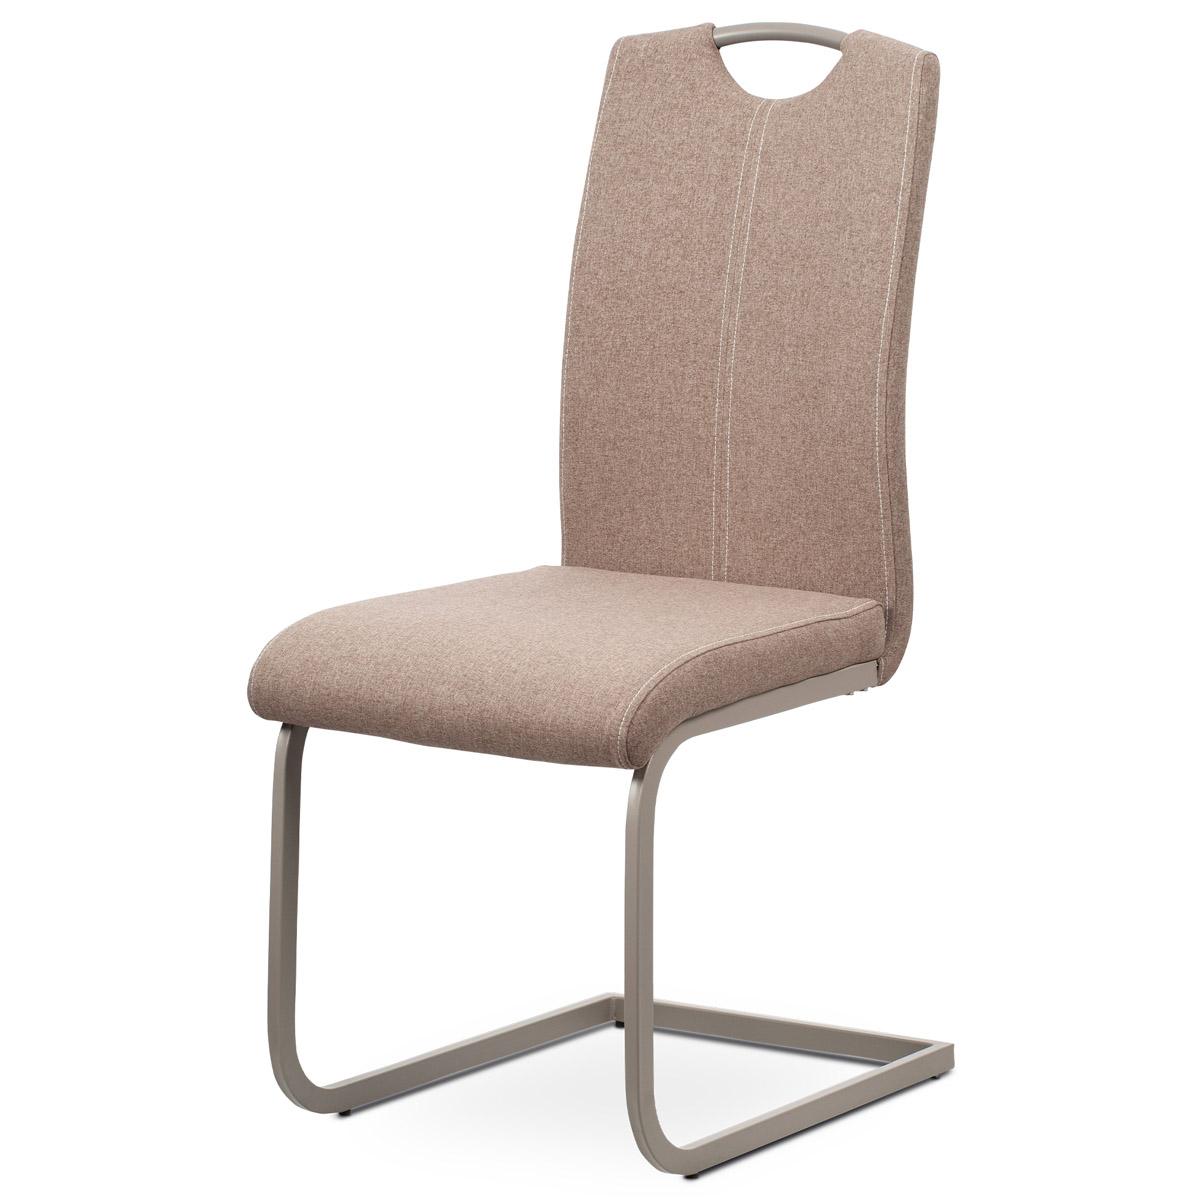 Autronic - Jídelní židle - krémová látka, kovová podnož, lanýžový matný lak - DCL-612 CRM2